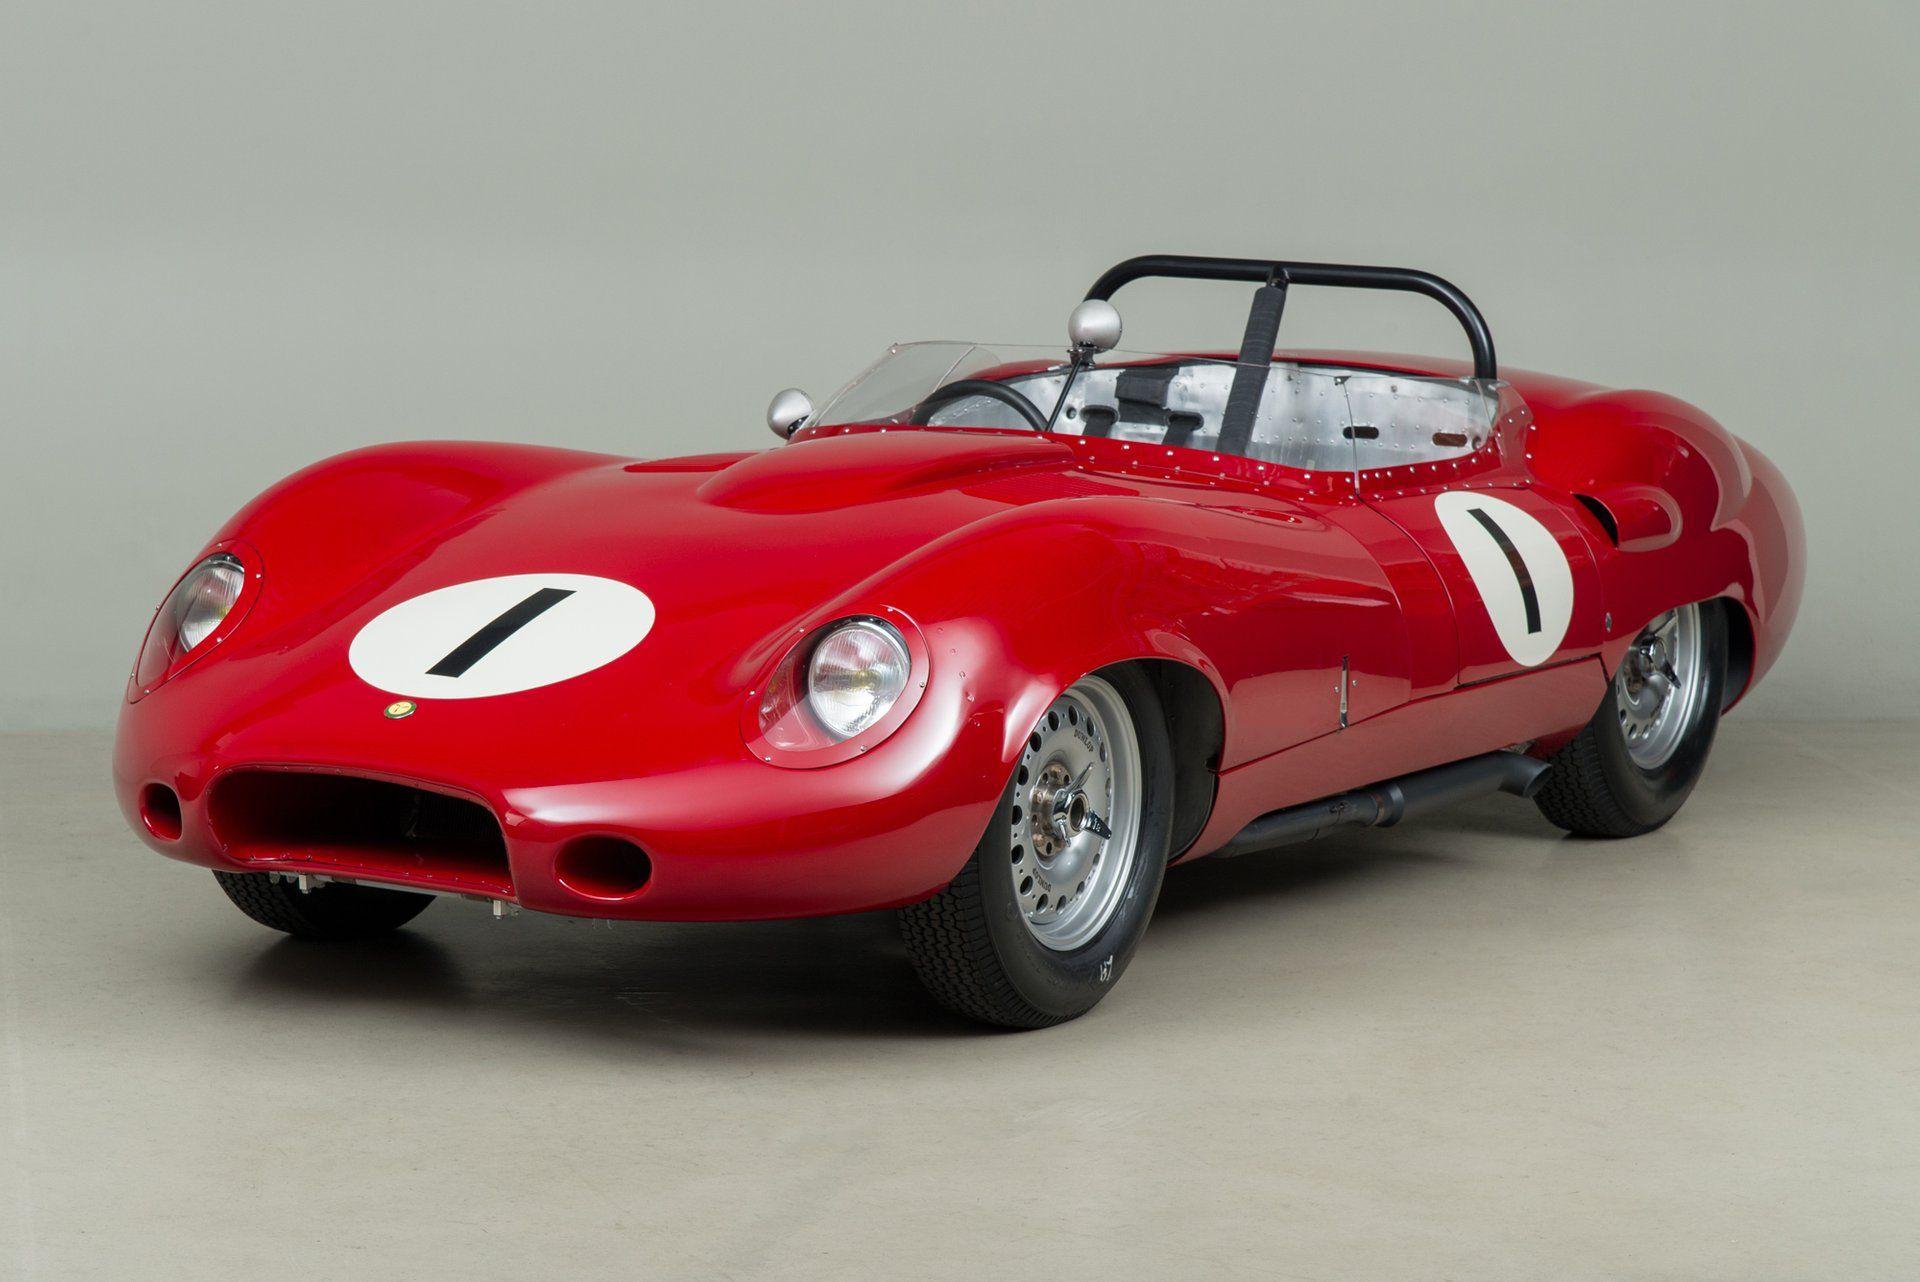 """<img src=""""1959-lister-chevrolet-costin-prototype.jpg"""" alt=""""The 1959 Lister Chevrolet-Costin Prototype"""">"""